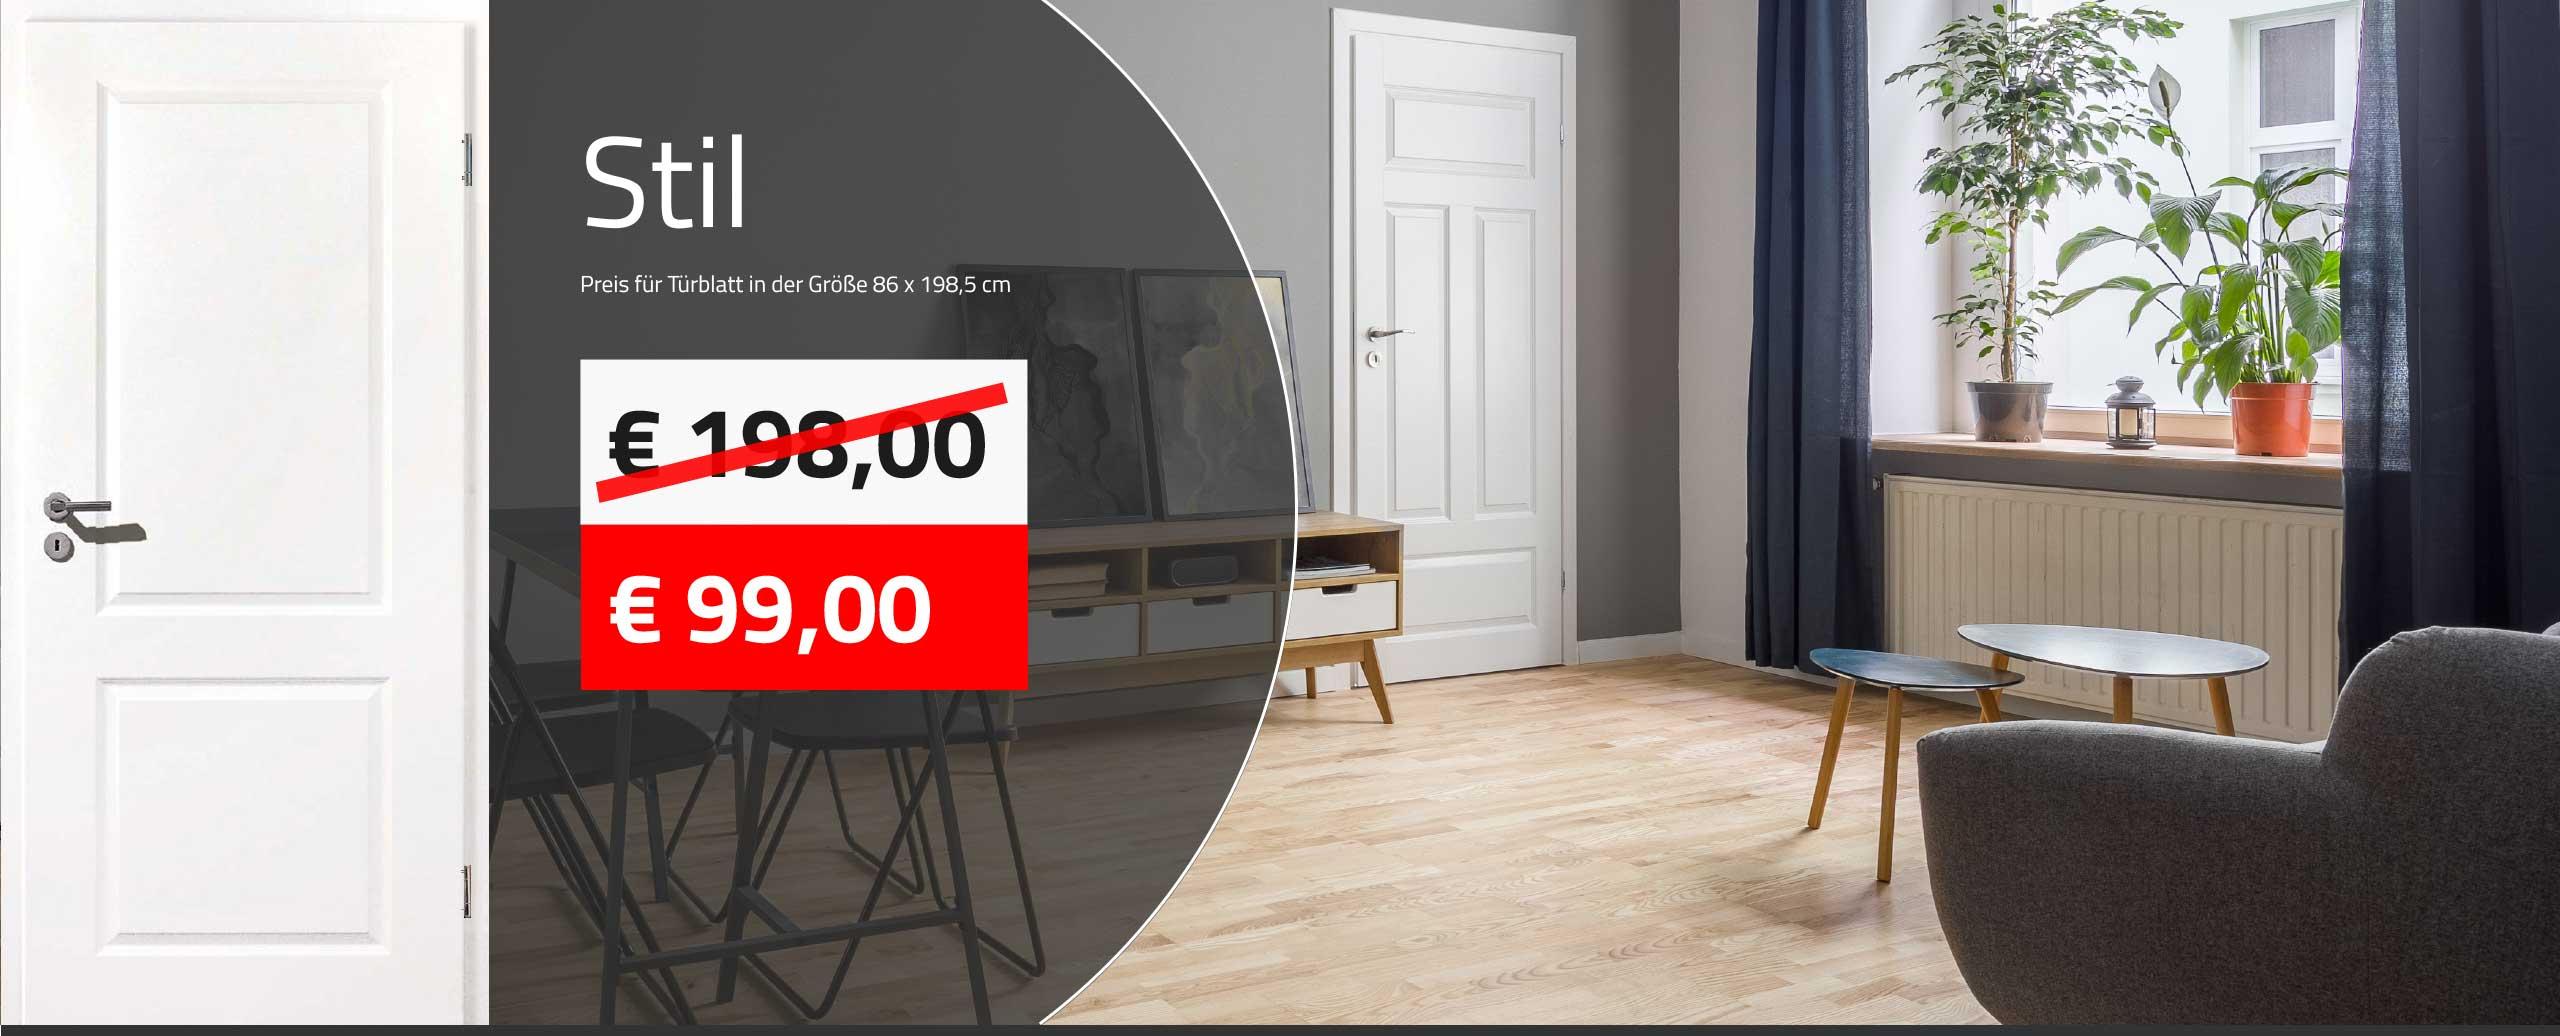 maxxdoor-Aktionsangebot für Innentüre Weisslack weiss Sil für EUR 99,00